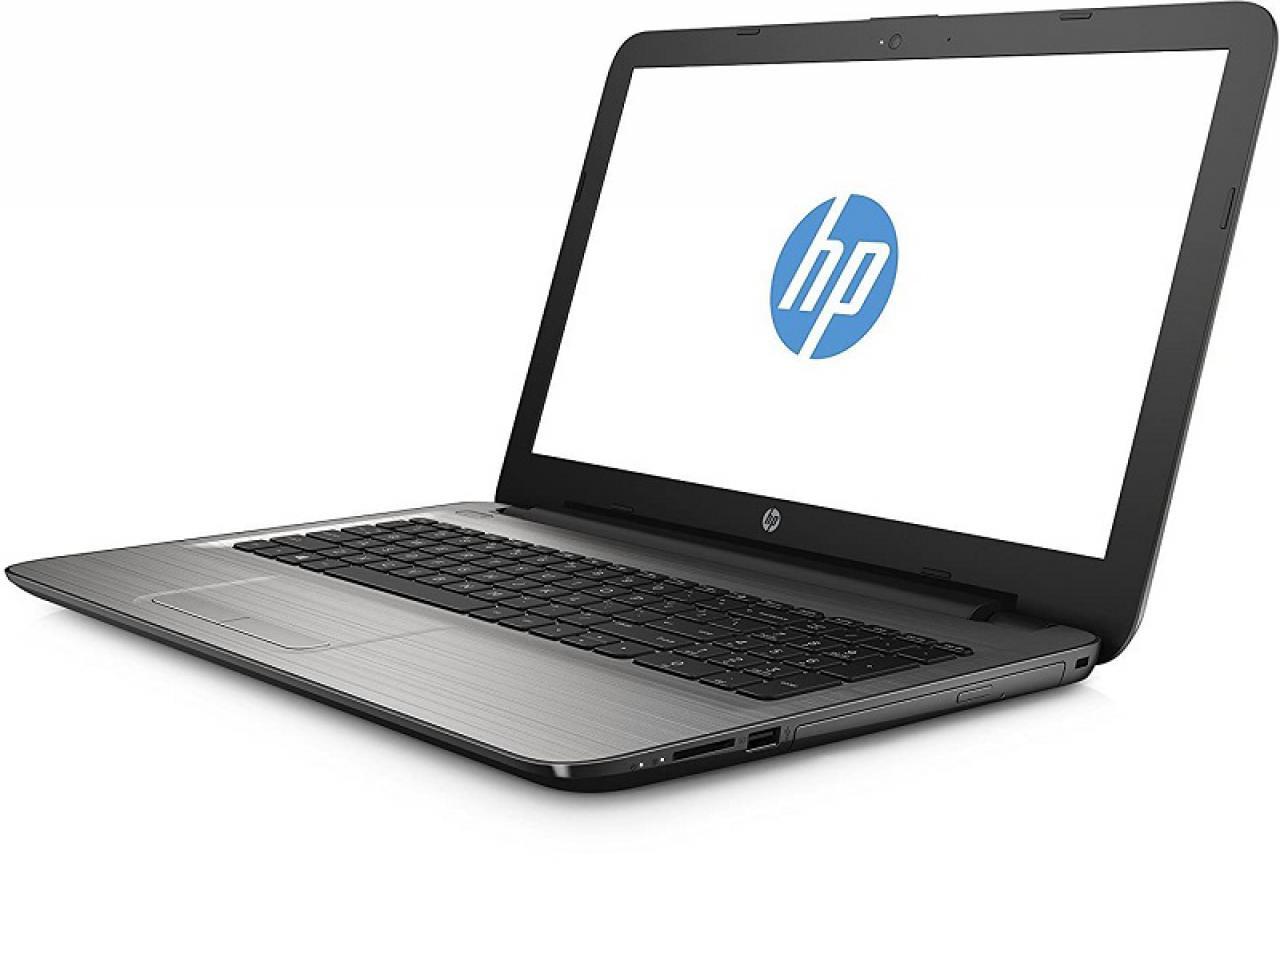 Hewlett Packard ProBook 250 G5  - shop.bb-net.de